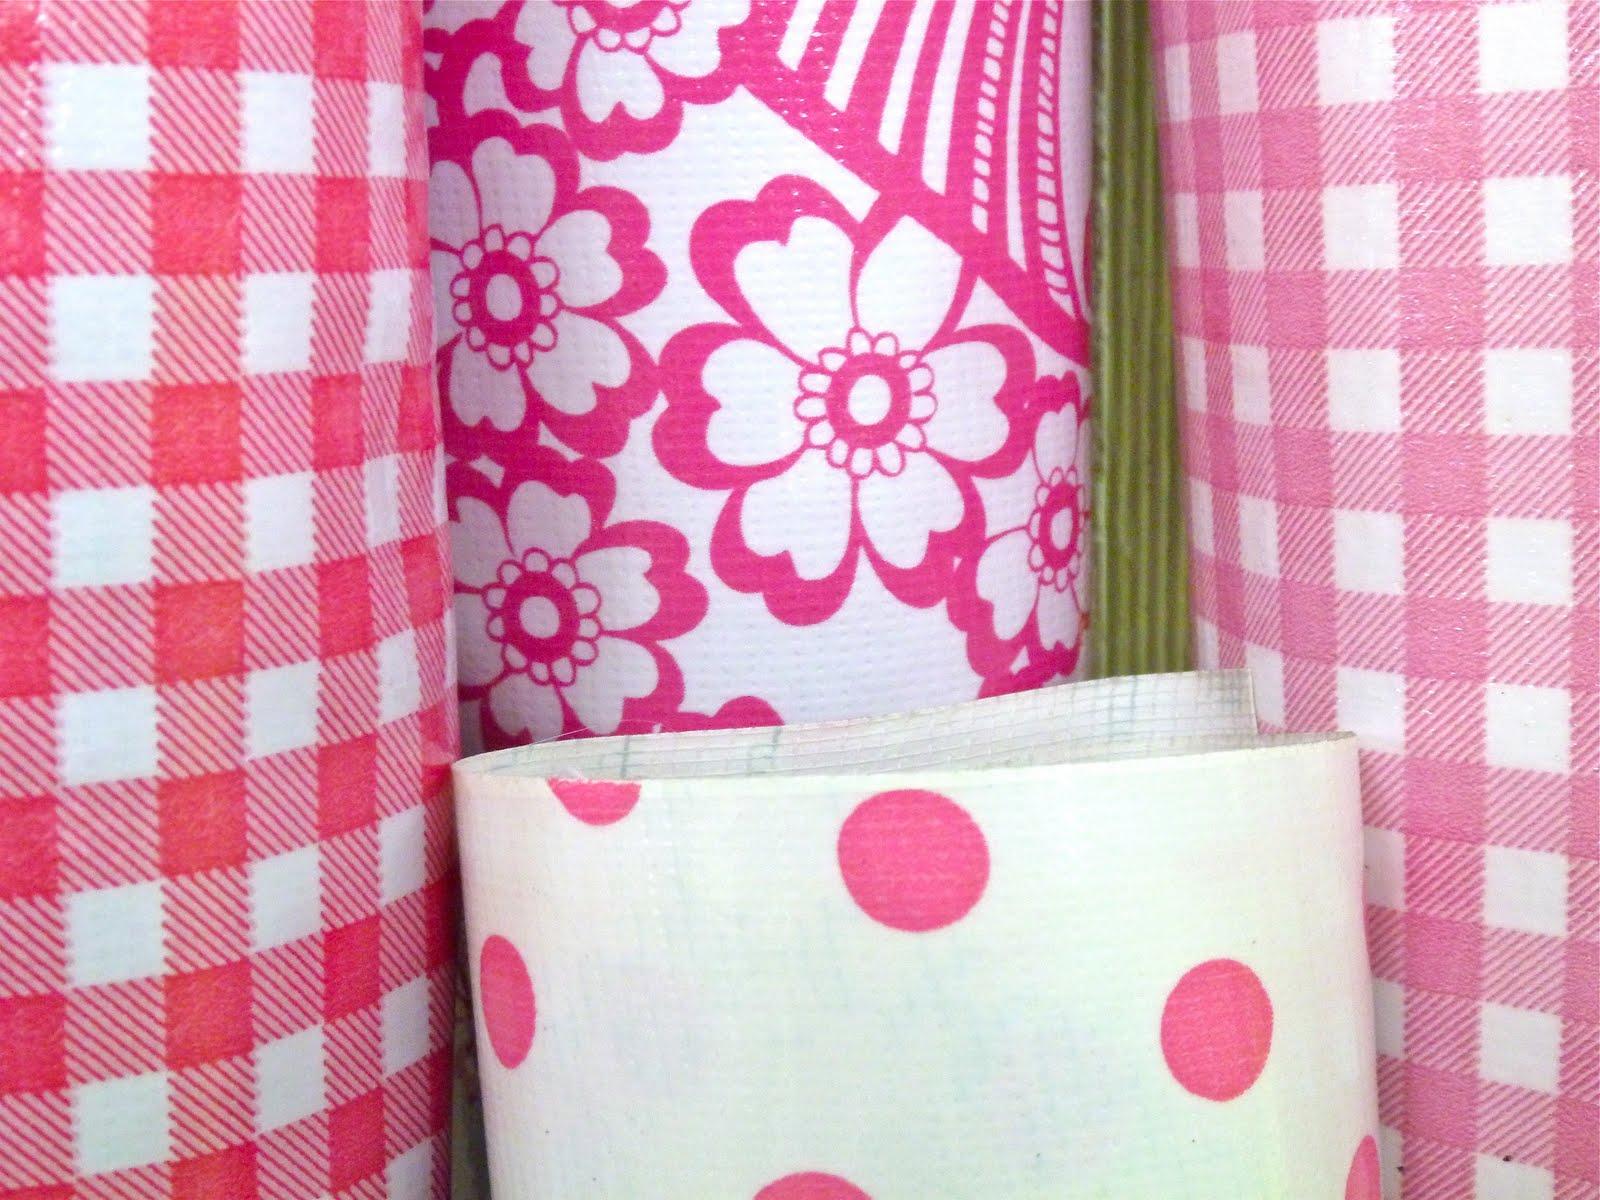 http://2.bp.blogspot.com/-7dGCW-0IiUk/TcRHh4fteGI/AAAAAAAAI64/77ws4WzJKuY/s1600/Pink+Oilcloths+.jpg